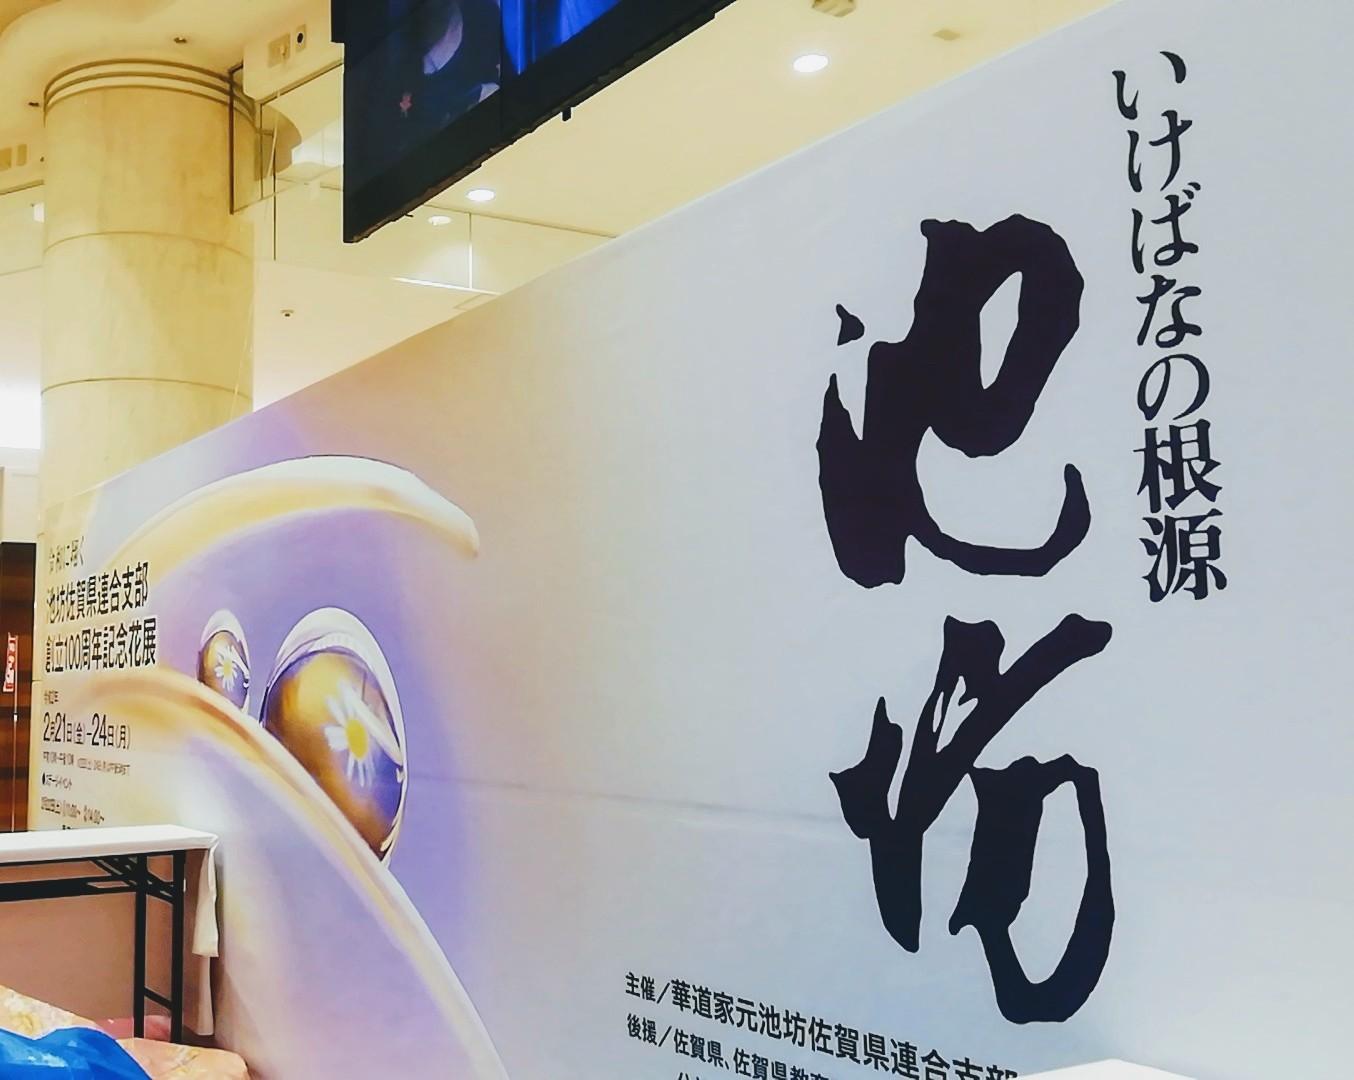 池坊佐賀県連合支部創立100周年記念いけばな池坊展の大作_d0195183_00504498.jpg